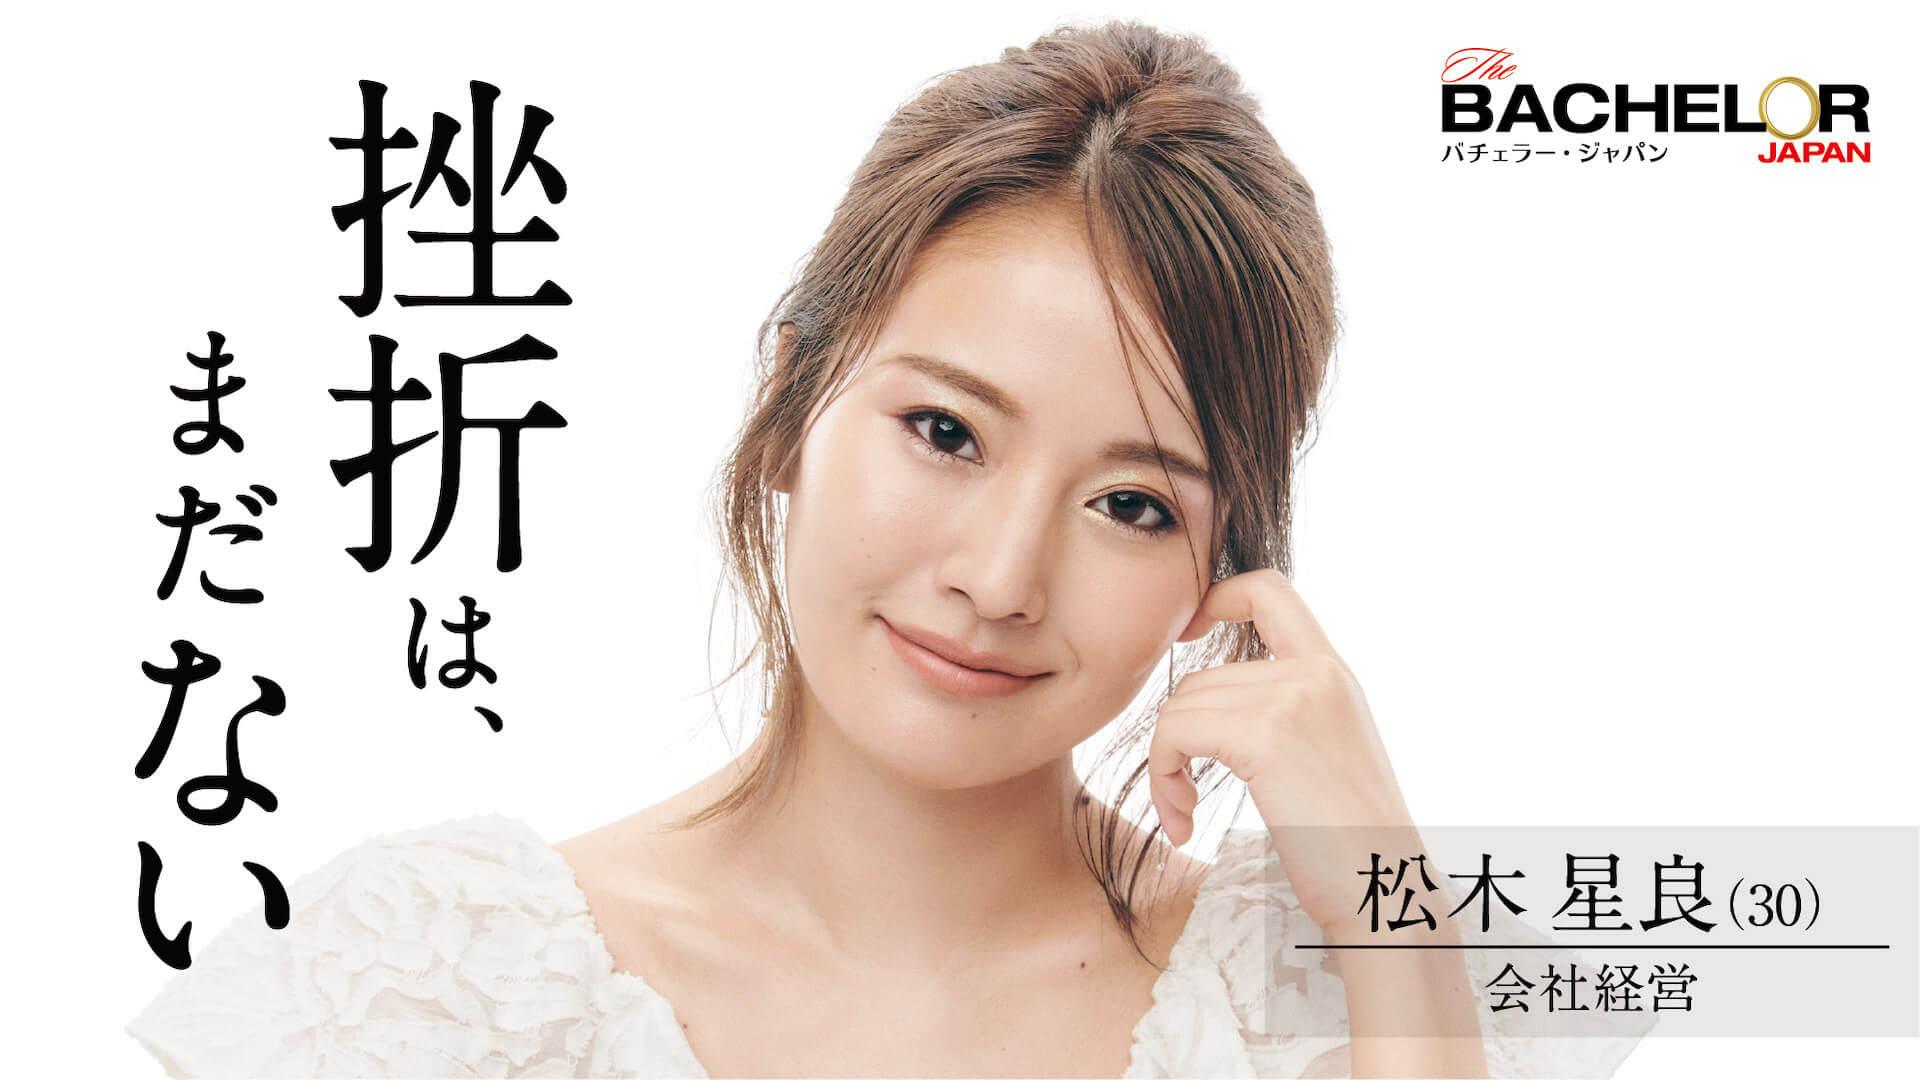 モデル、レディ・ユニバース2020日本代表、医者、経営者など続々登場!『バチェラー・ジャパン』シーズン4の女性参加者15名が一挙発表 art211007_bacelorjapan_13